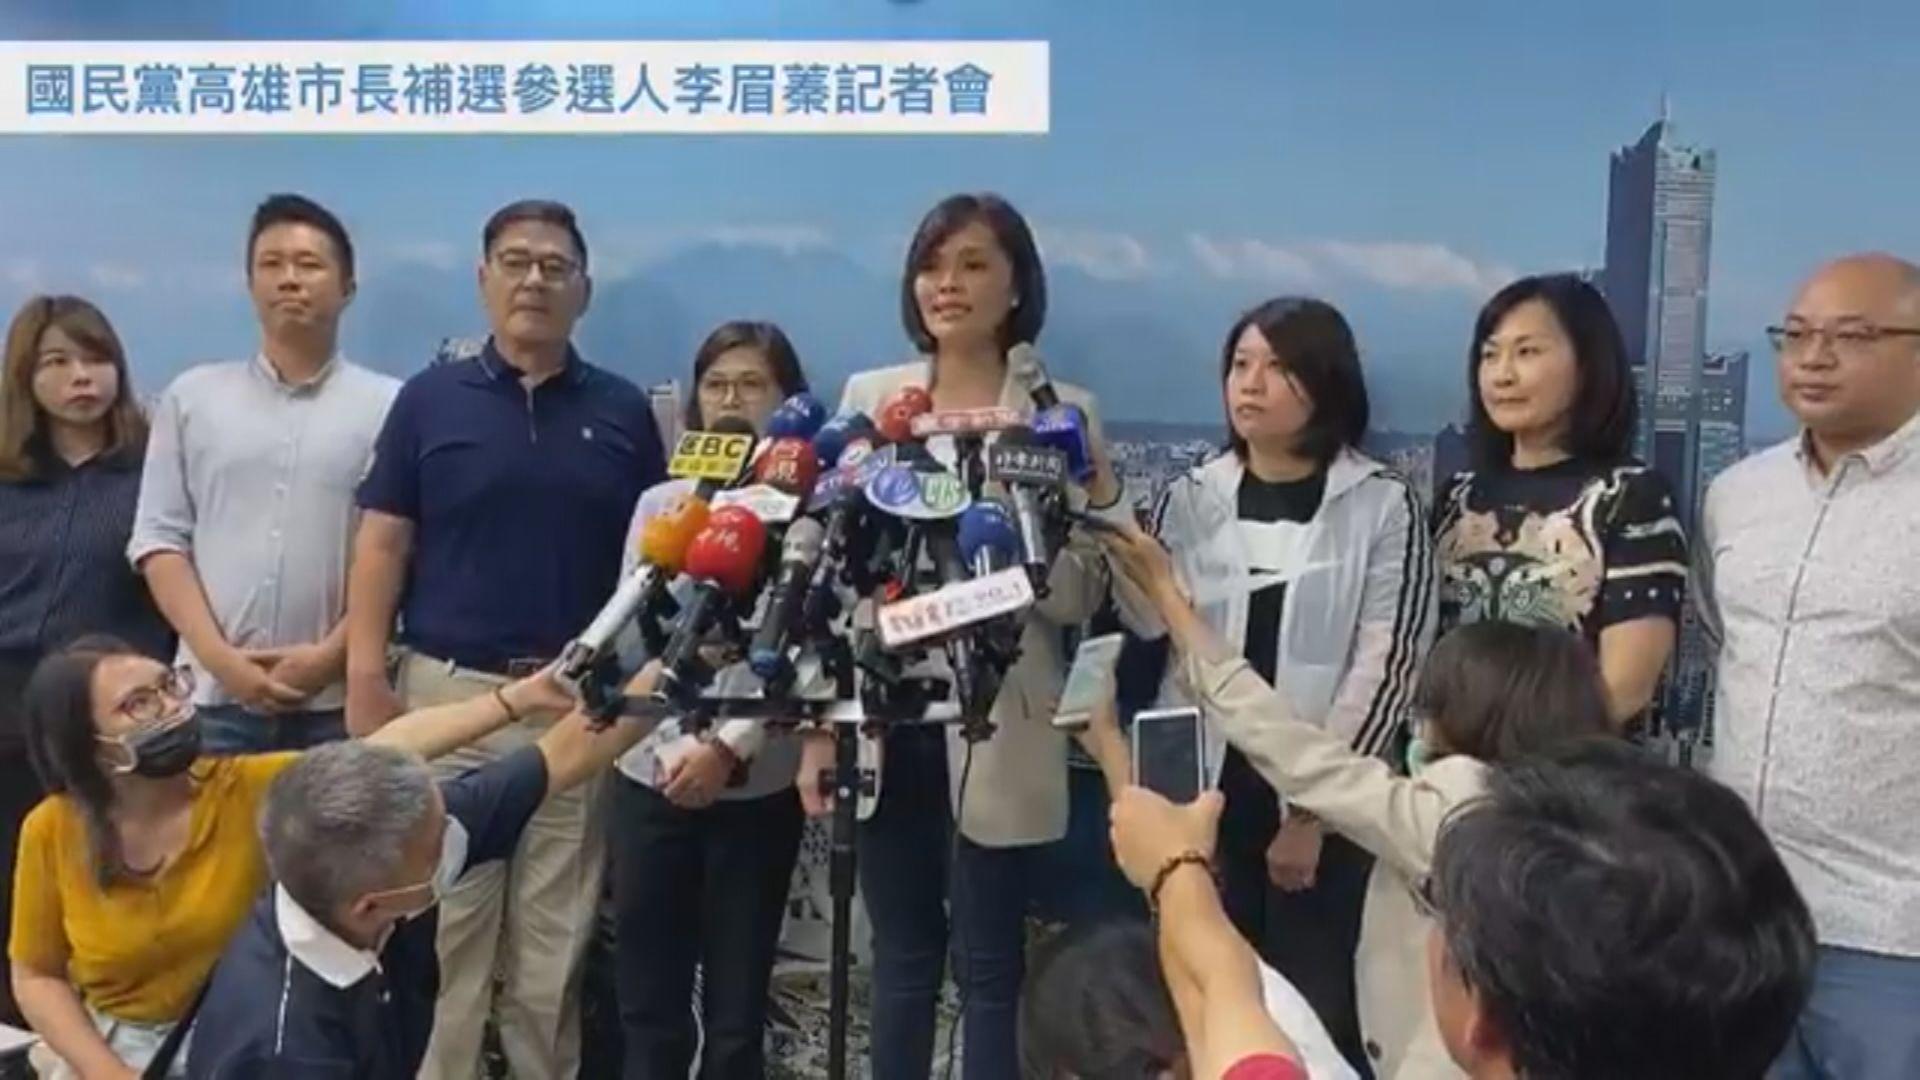 國民黨徵召李眉蓁參加高雄市長補選